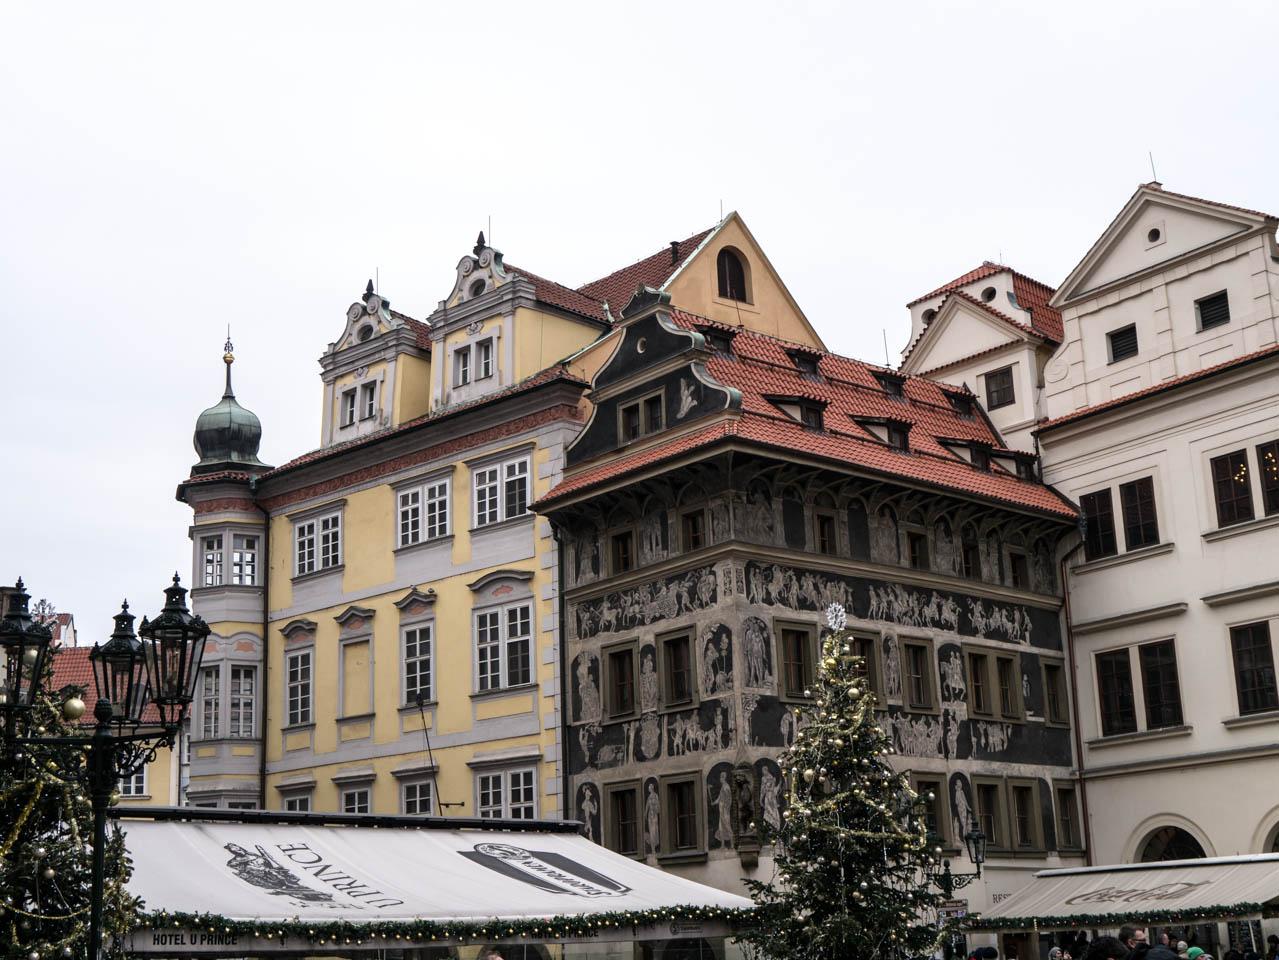 Häuser Marktplatz (1 von 1)